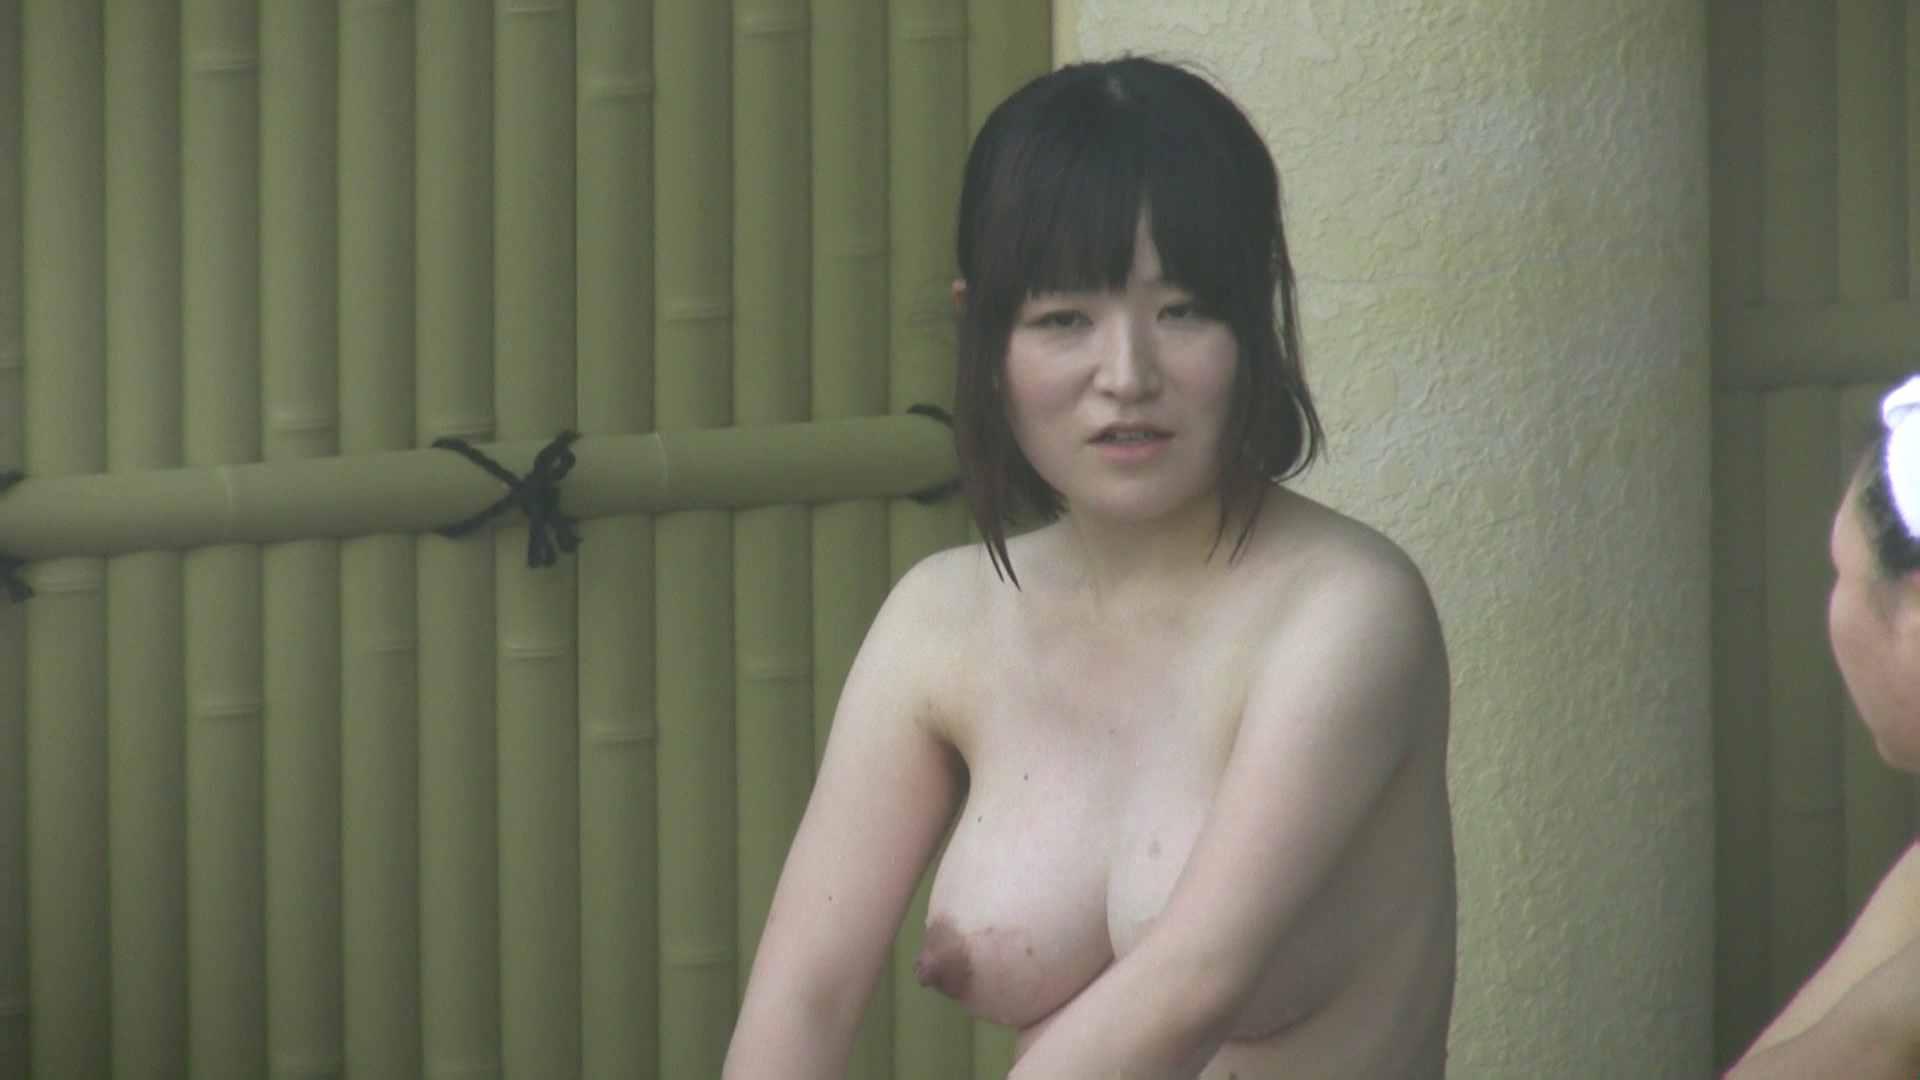 女露天風呂劇場 Vol.09 露天投稿作品  54連発 54